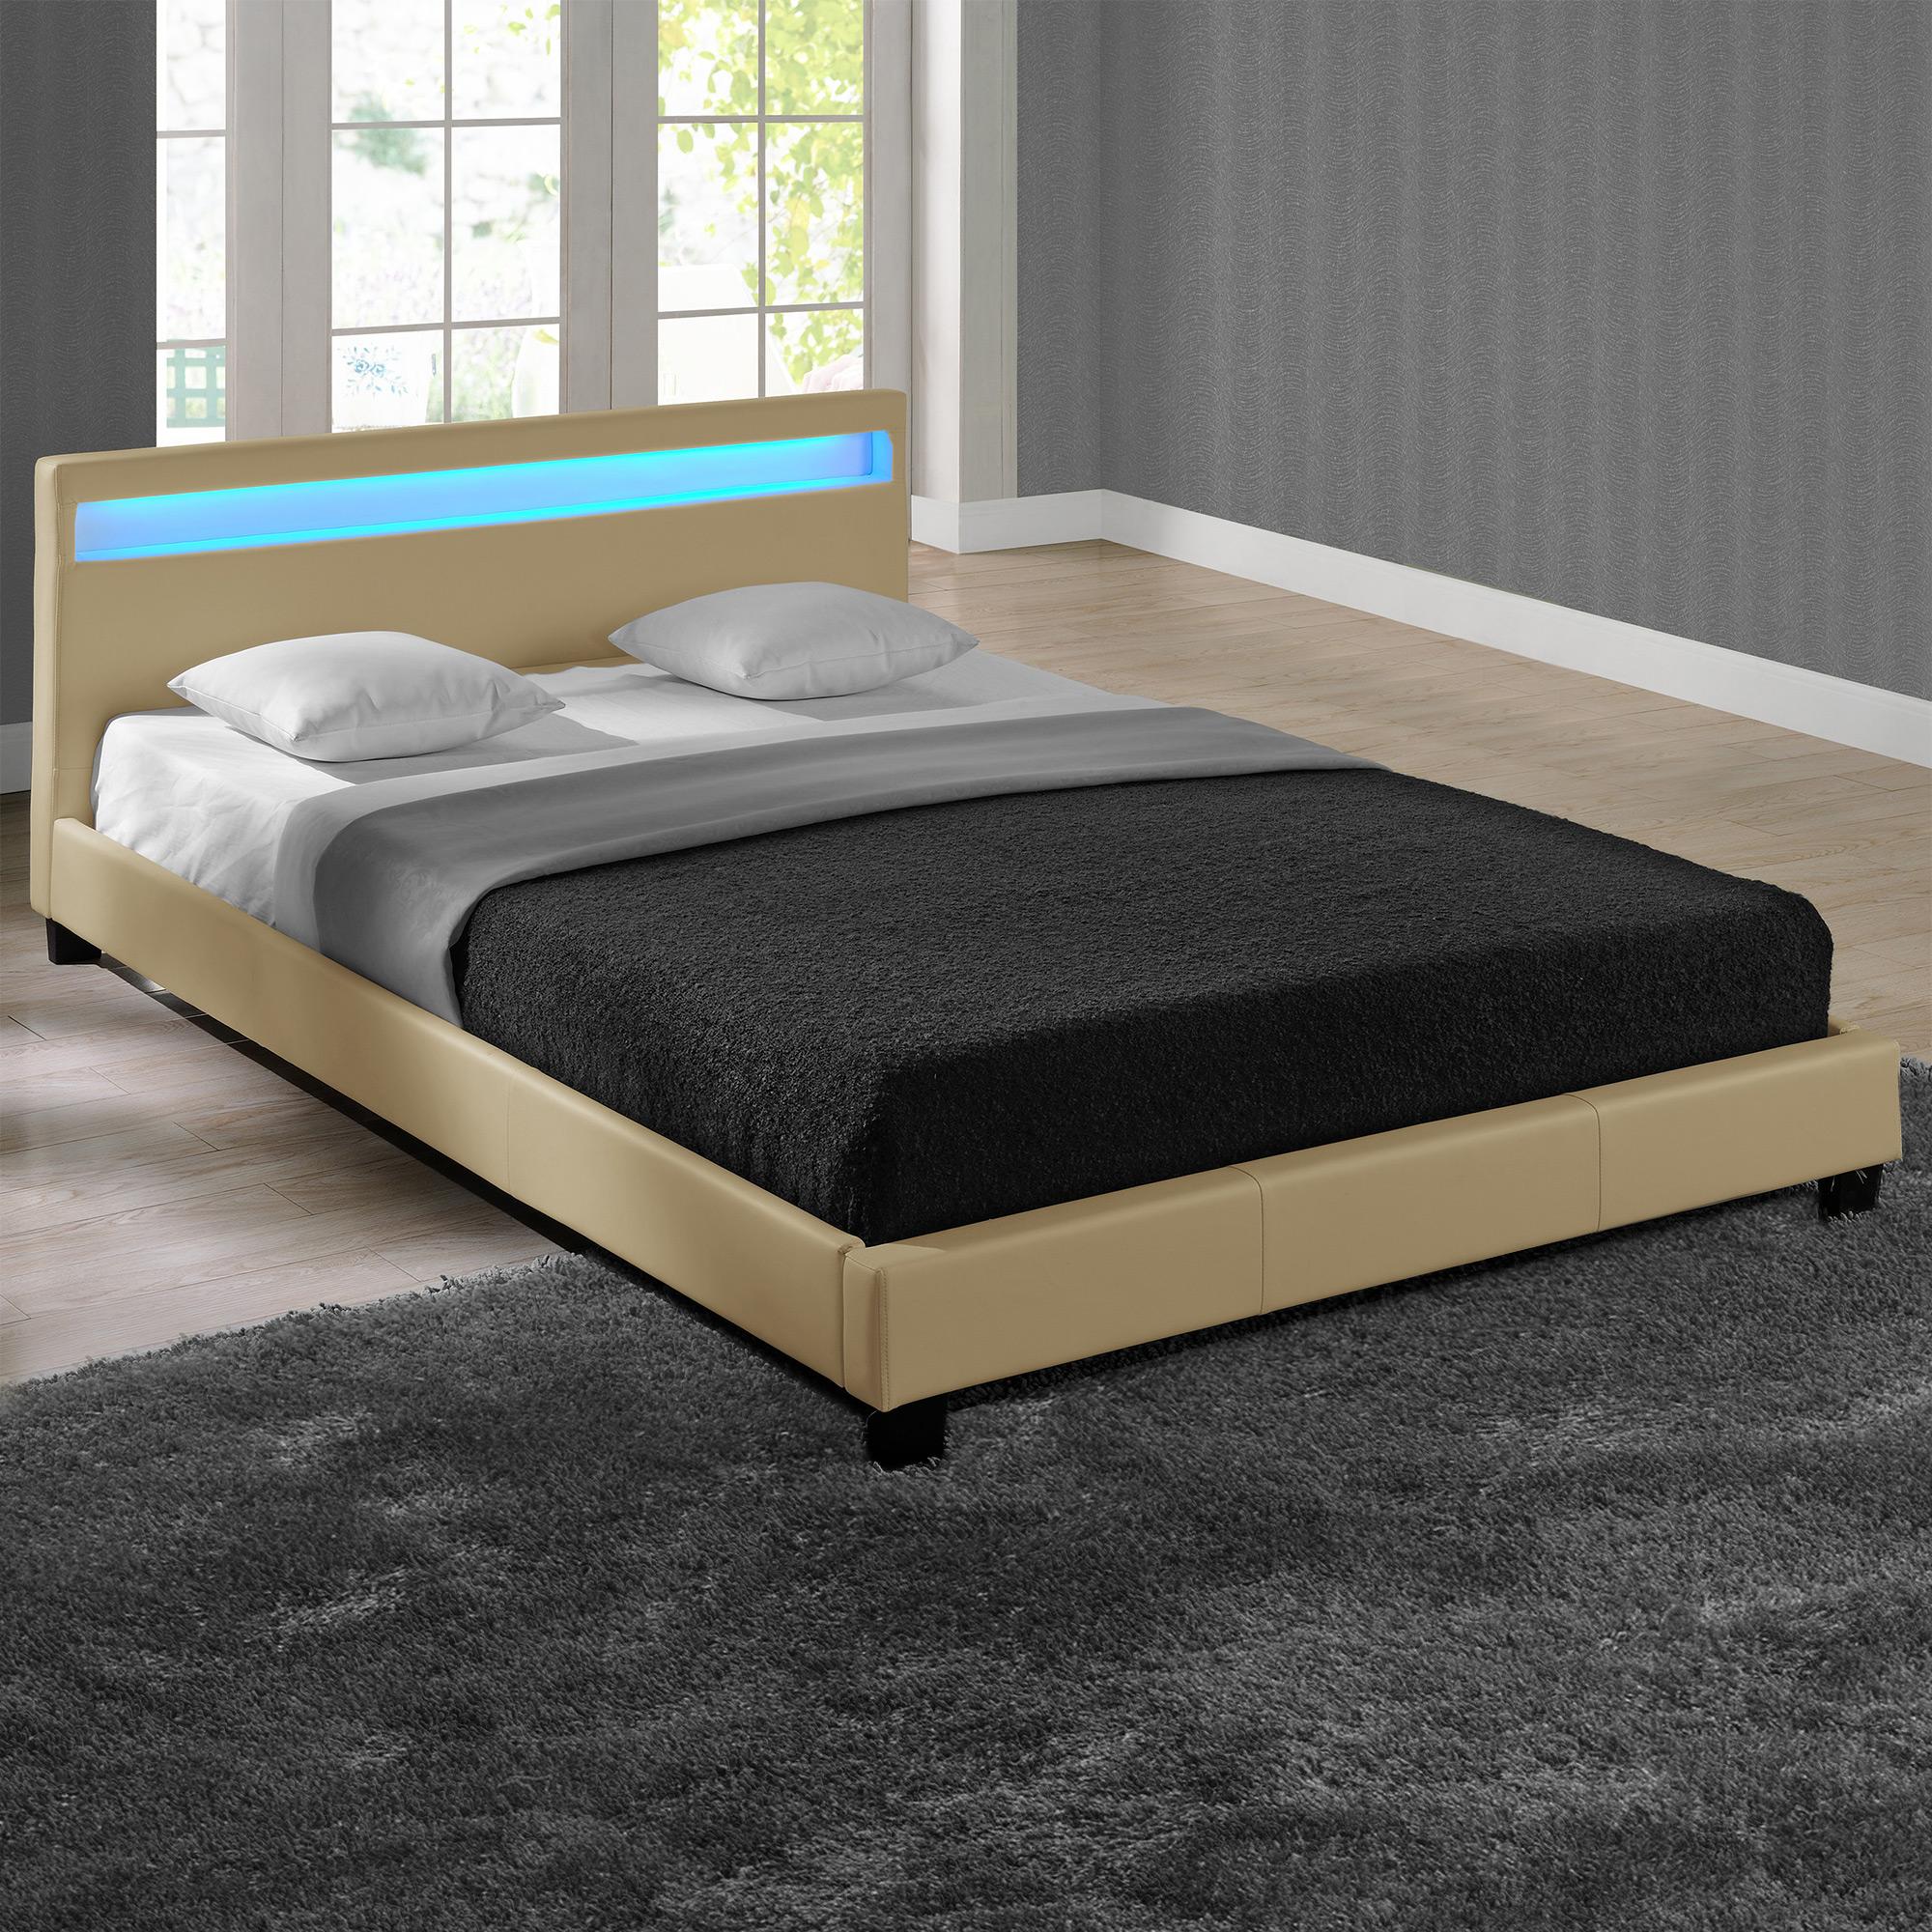 led polsterbett 140 160 180 200 x 200 cm doppelbett ehe bett gestell kunst leder ebay. Black Bedroom Furniture Sets. Home Design Ideas